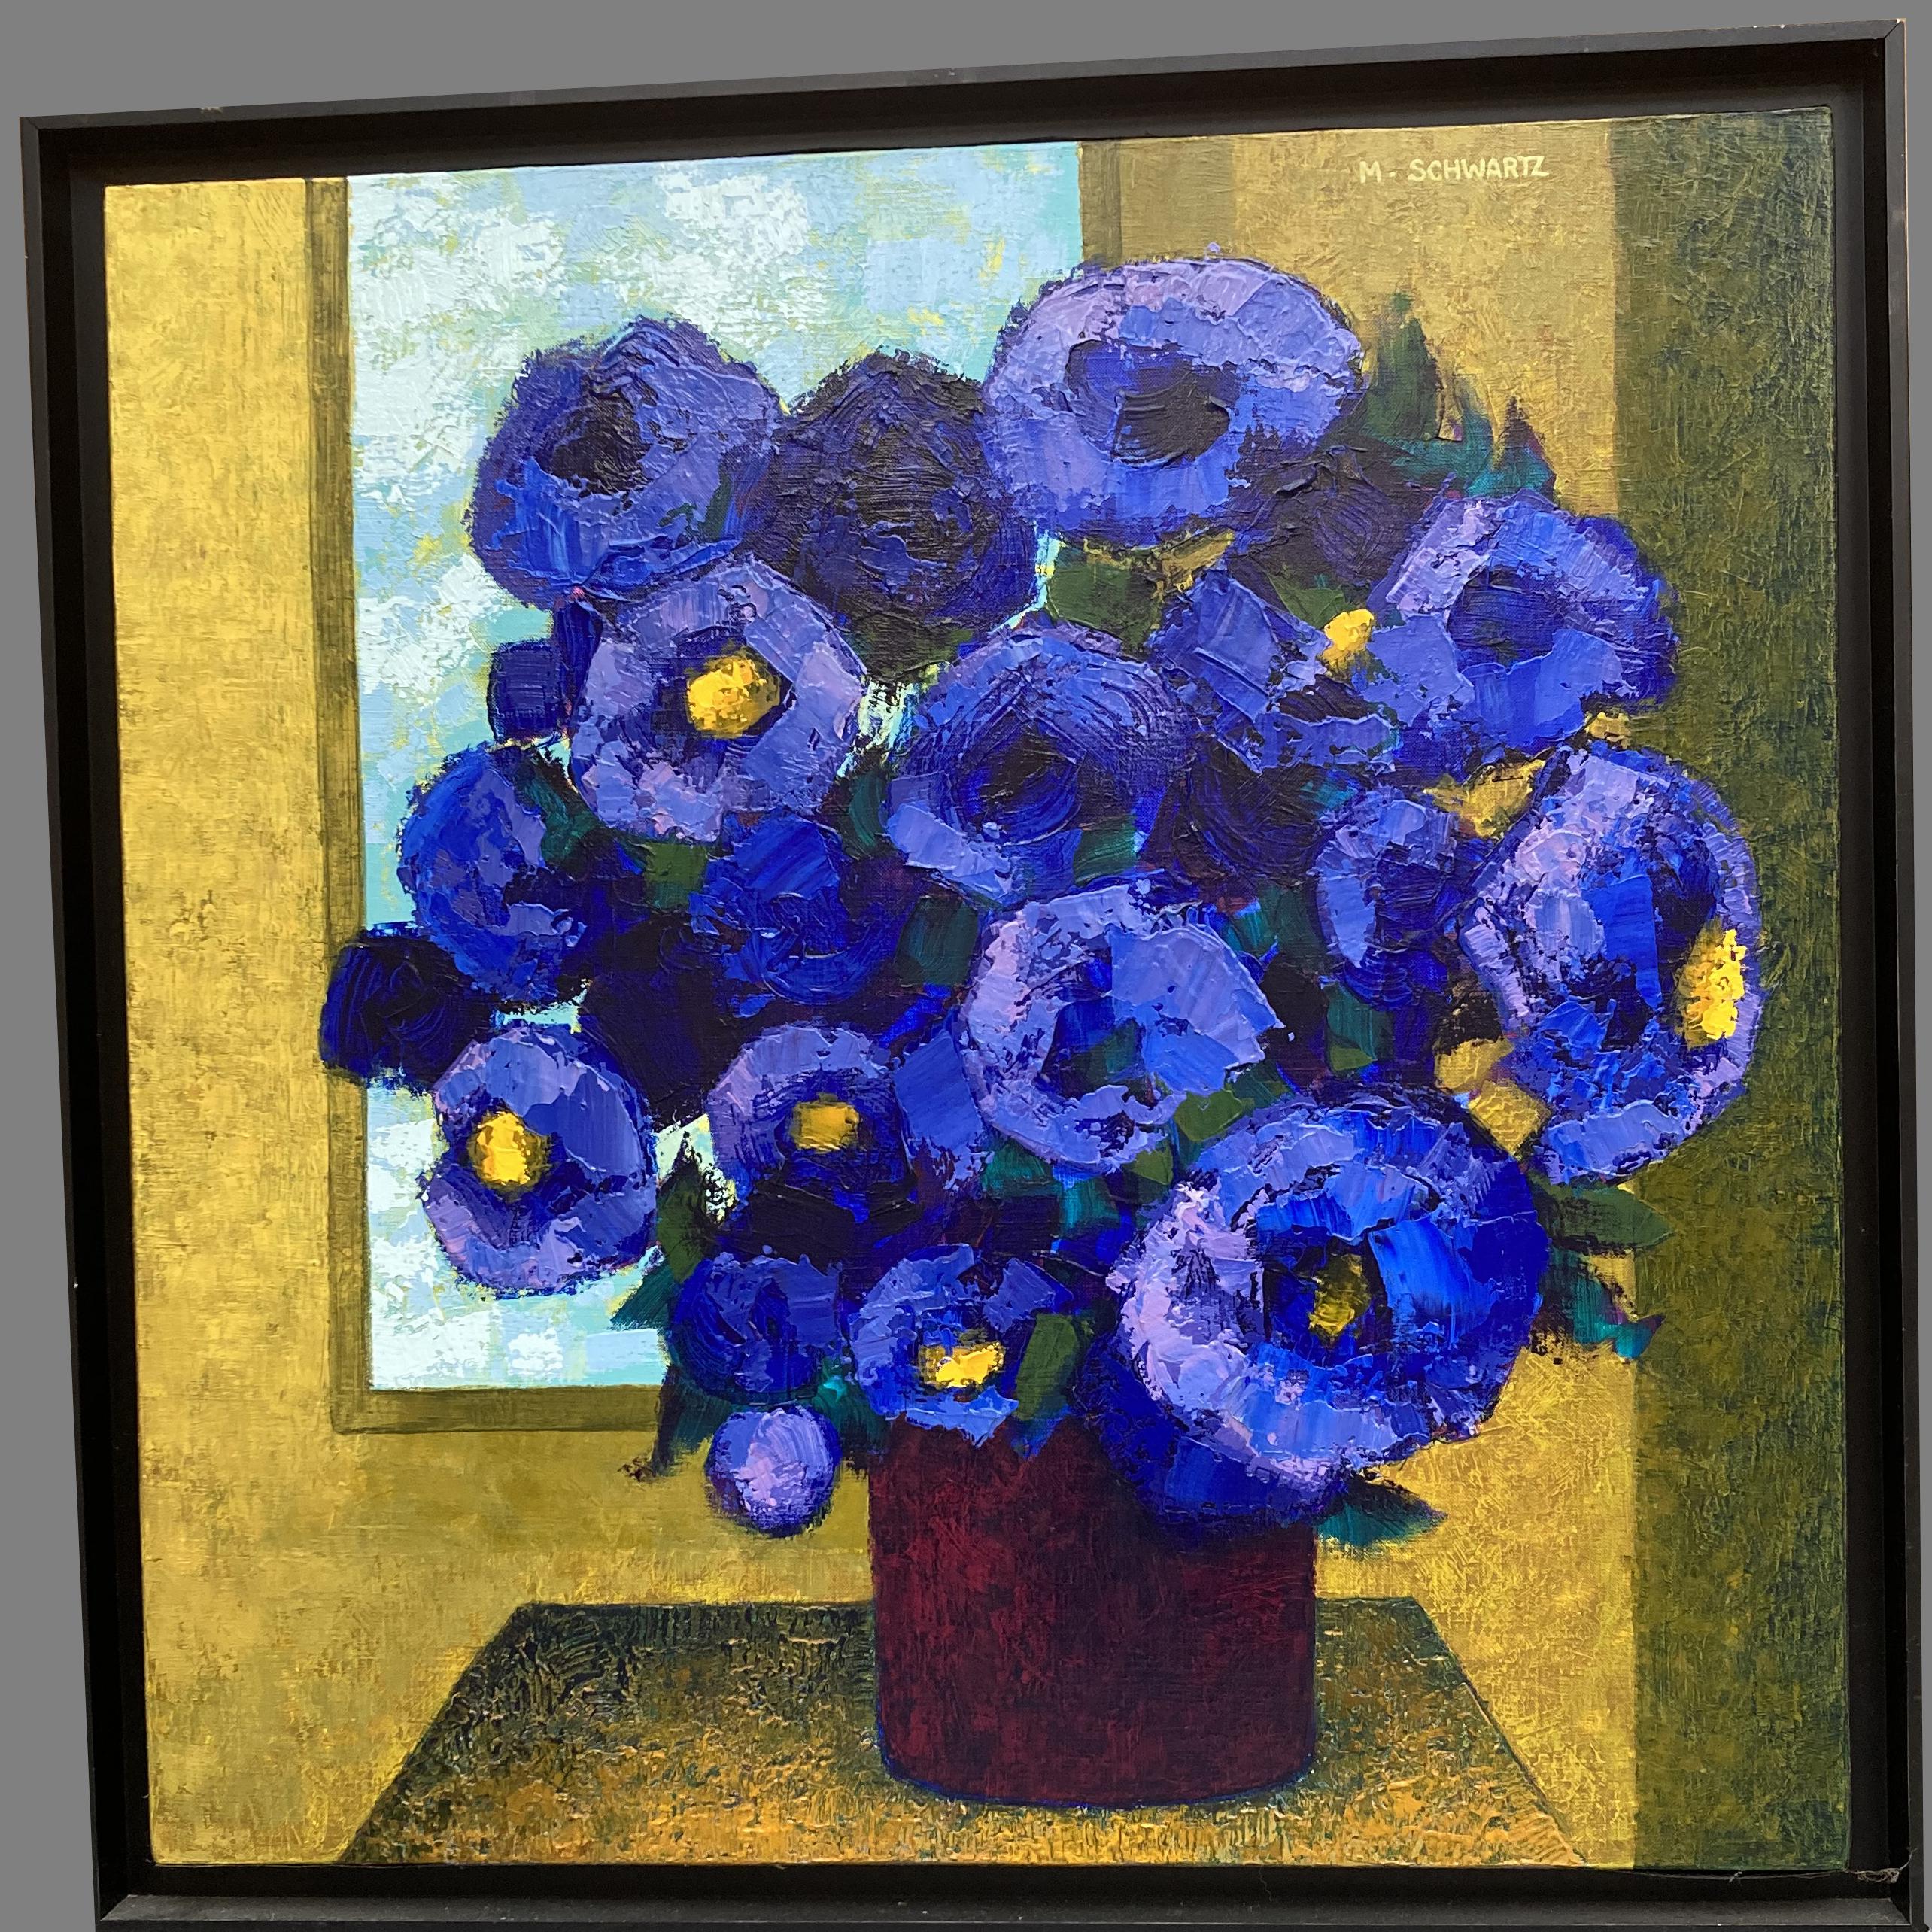 SCHWARTZ Michel (Audincourt, 1938 - Luxeuil-les-Bains, 2020). Vase de fleurs. Huile sur toile.